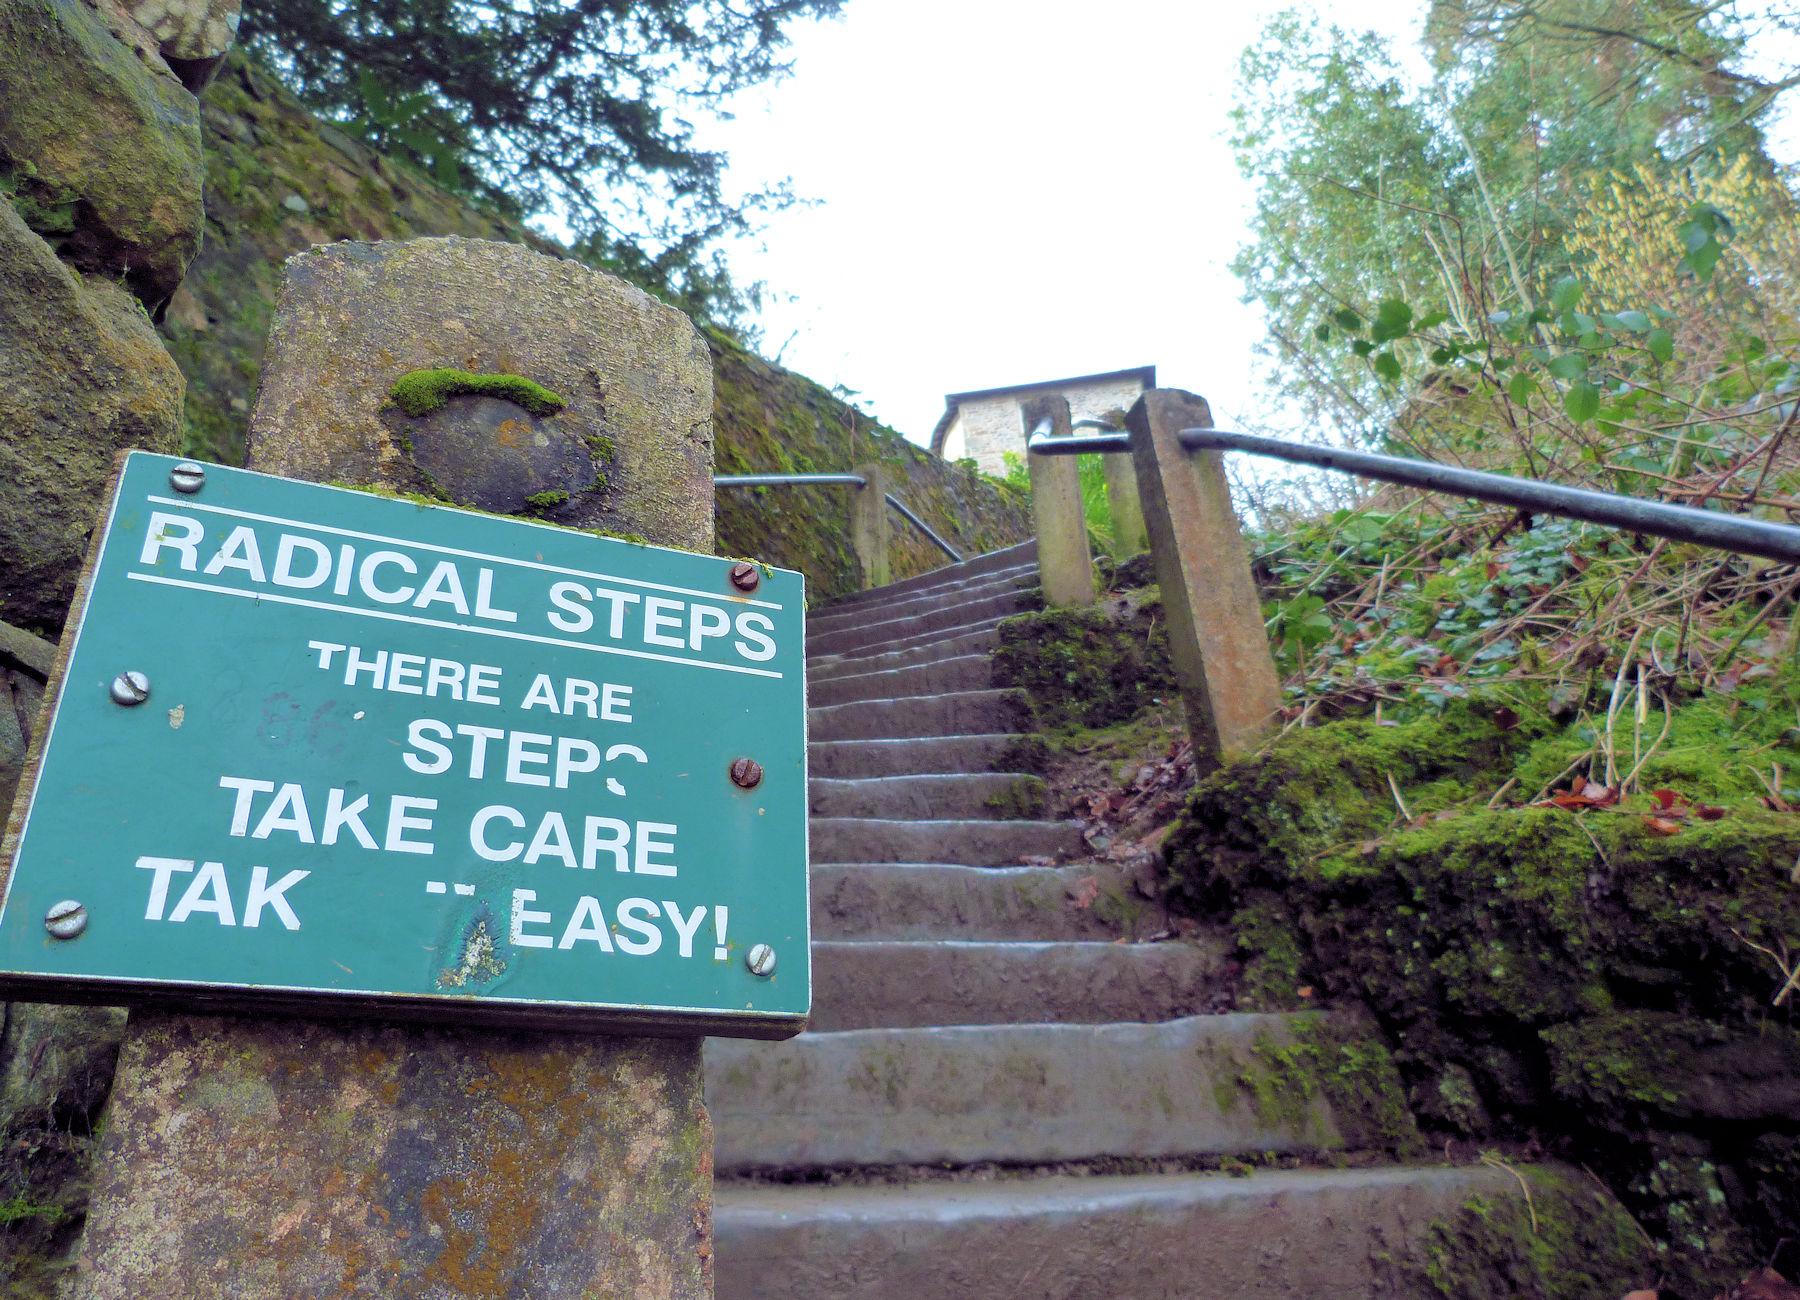 The Radical Steps